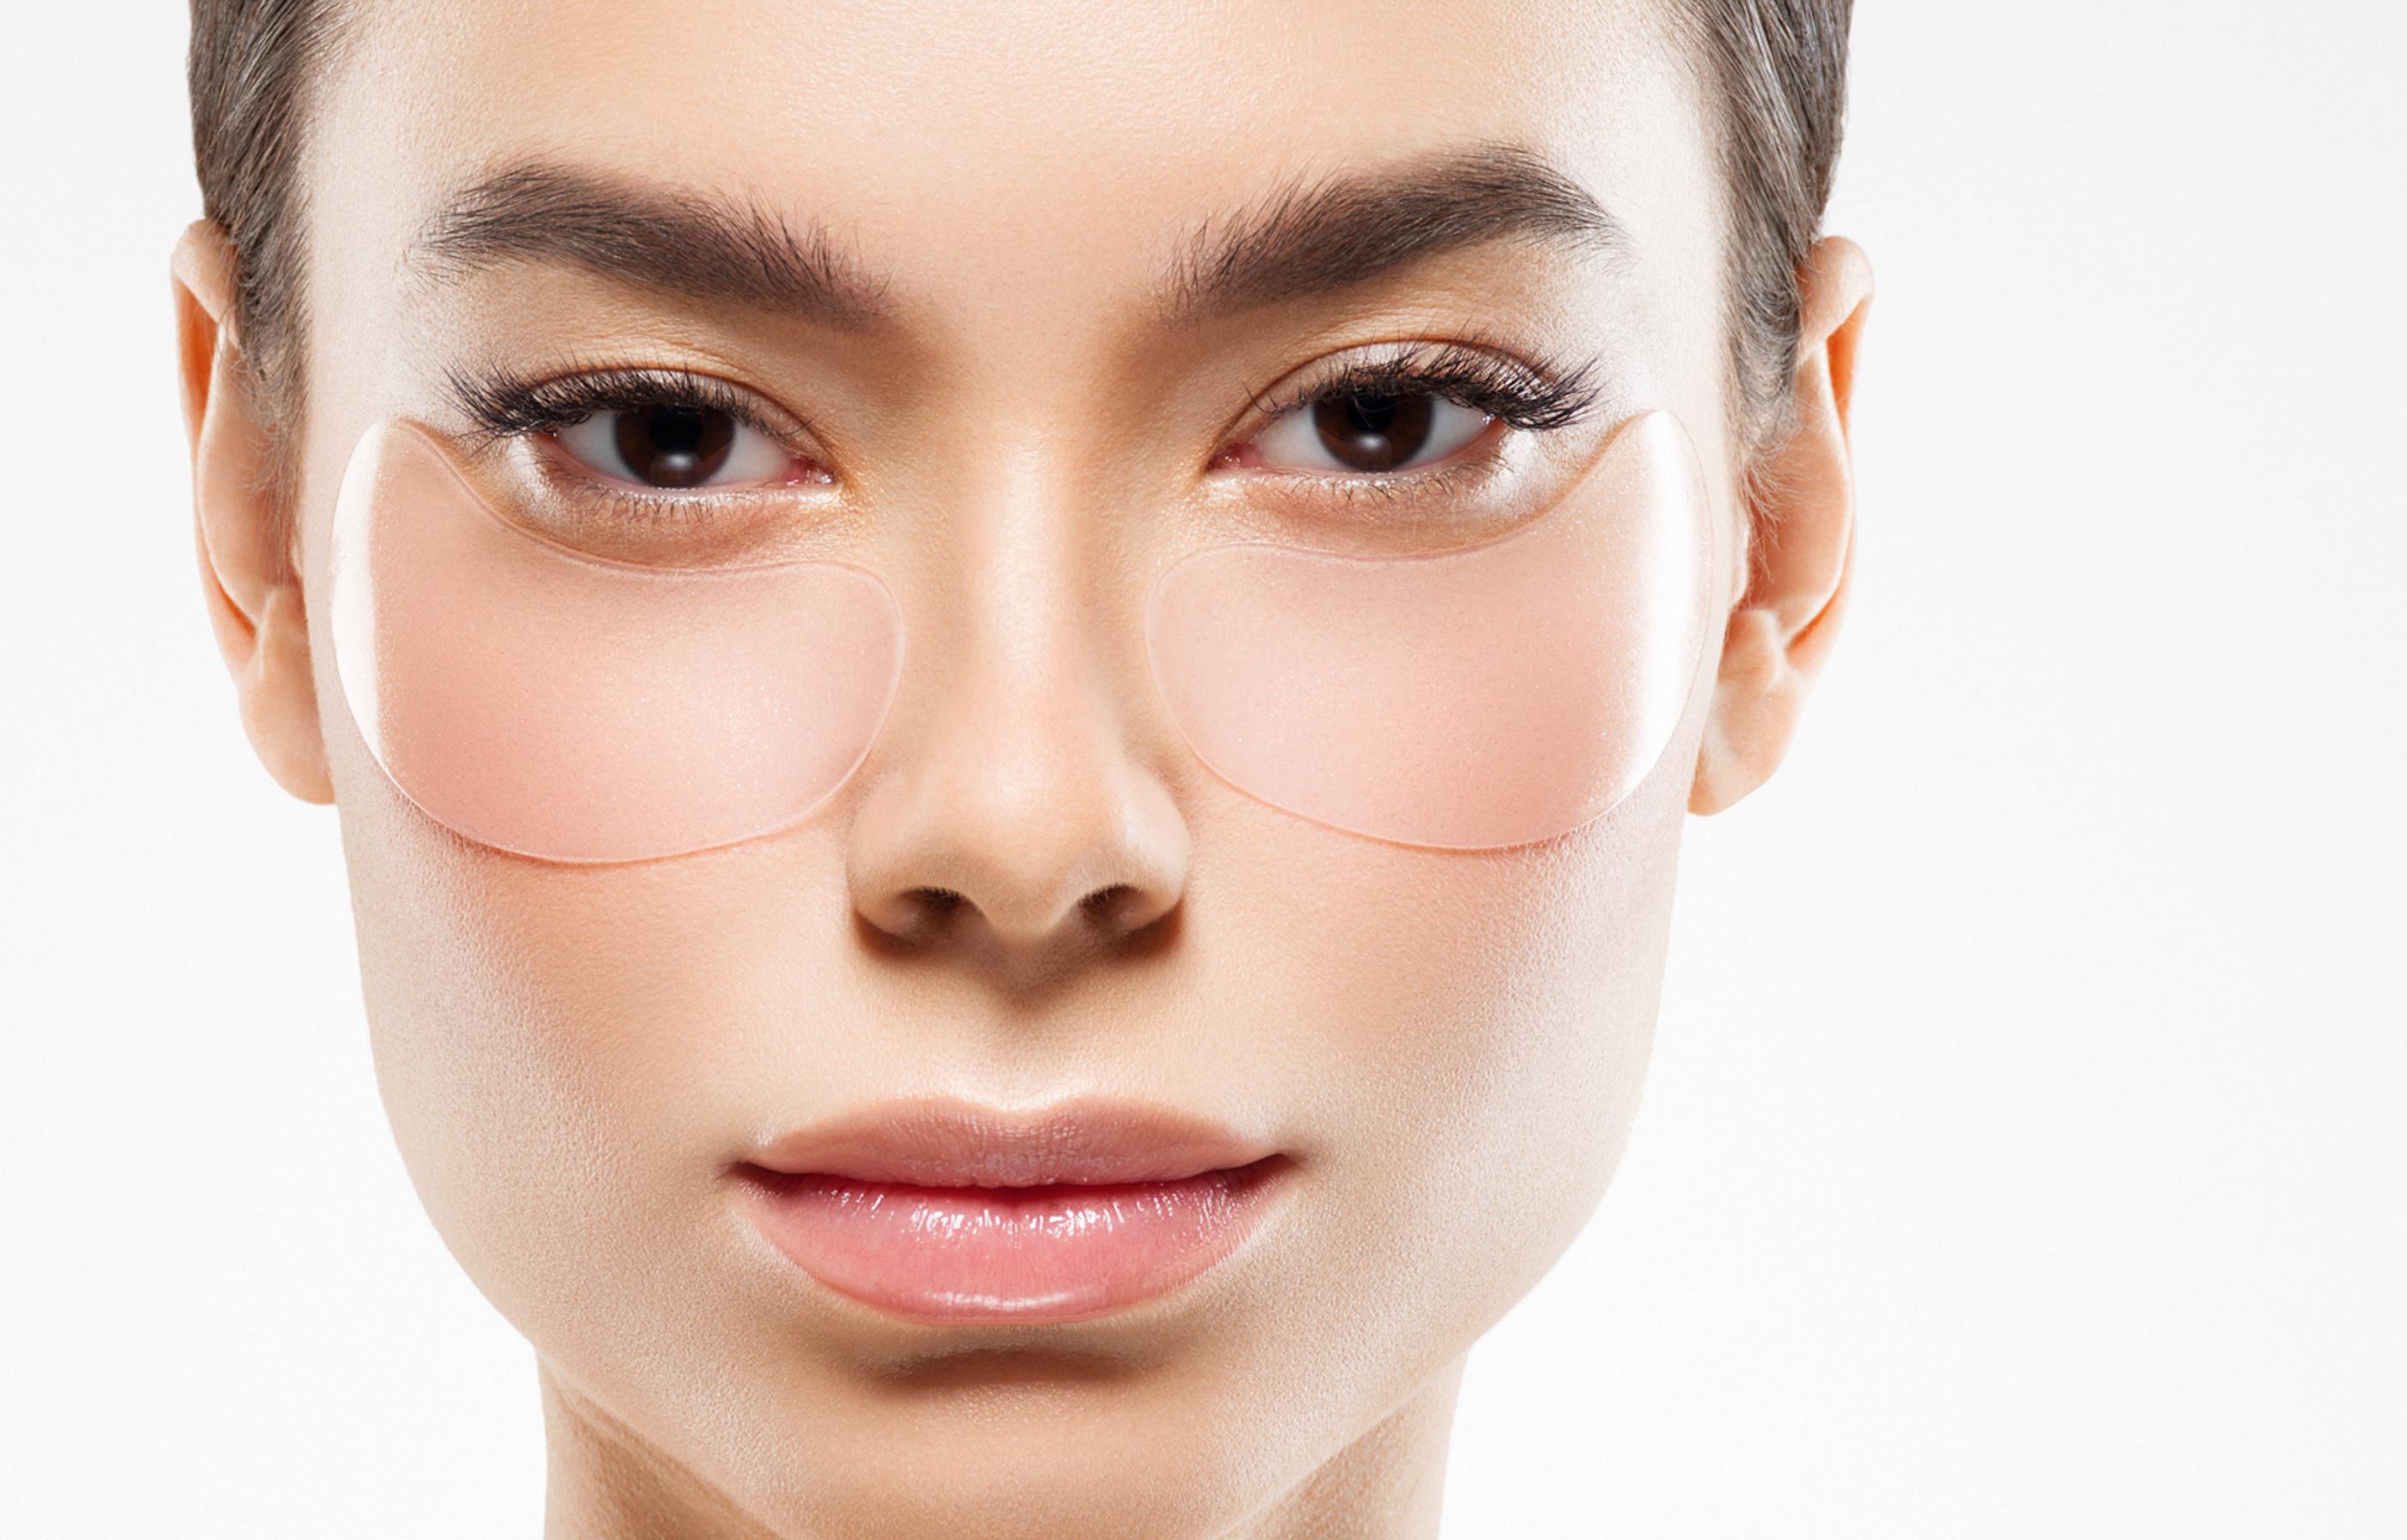 mască pentru ochi pentru vedere